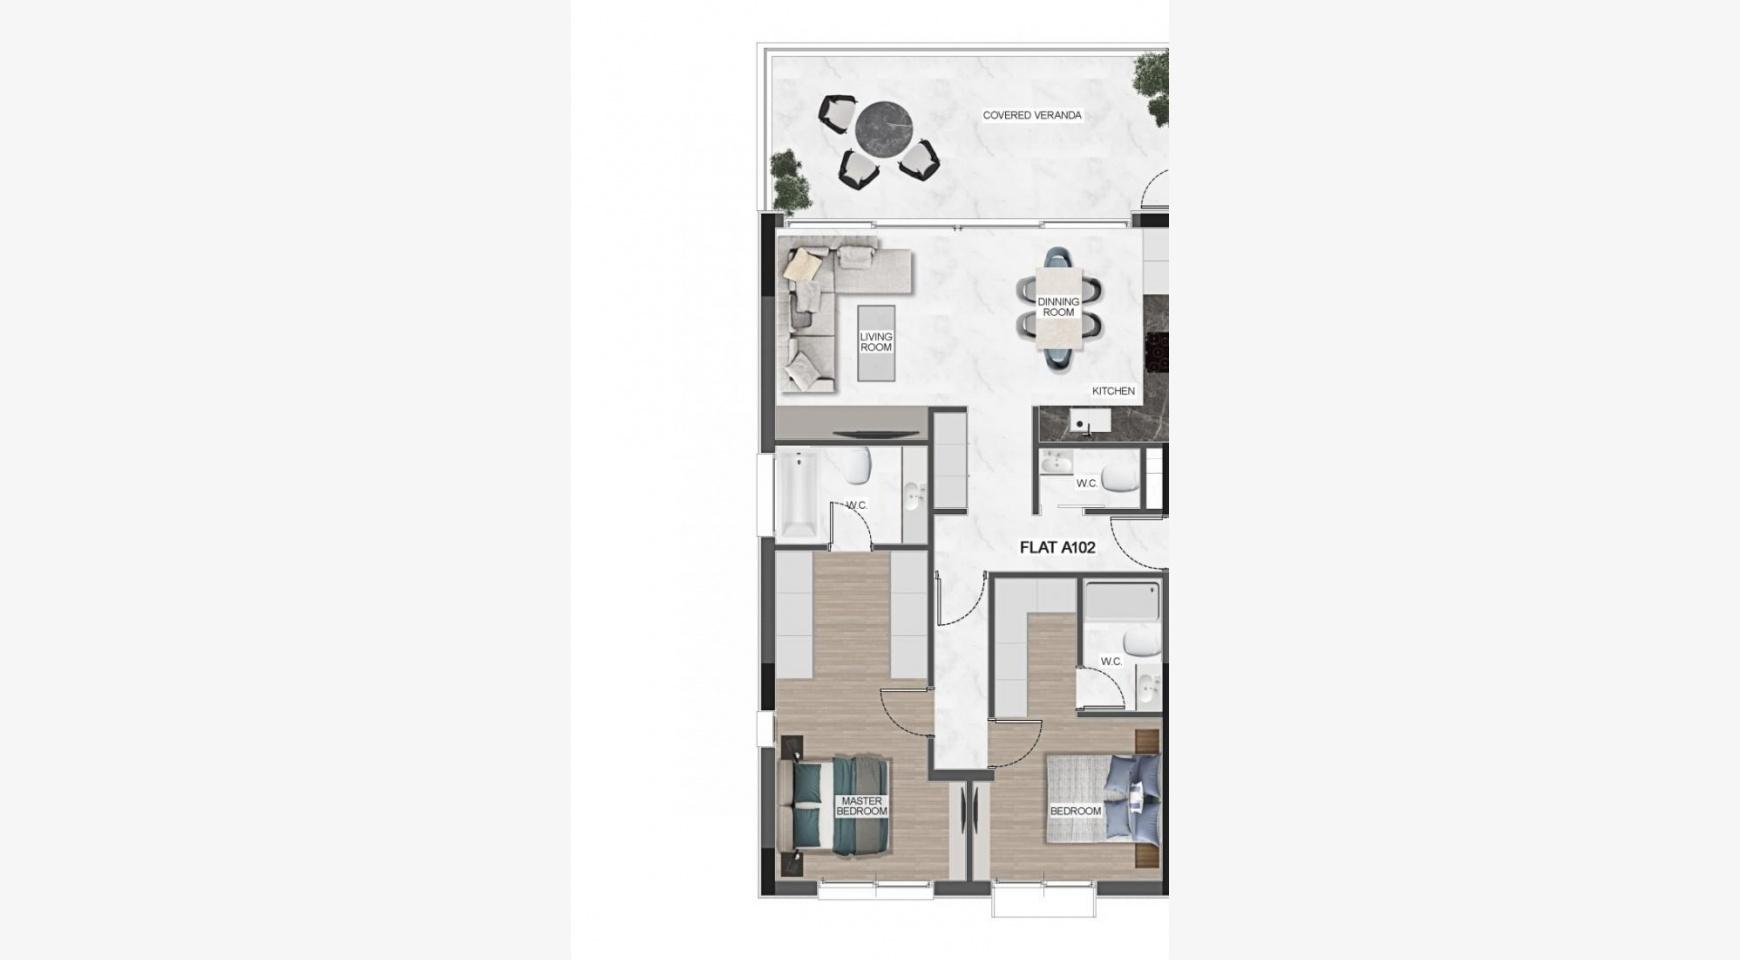 Urban City Residences, Кв. C 502. 2-Спальная Квартира в Новом Комплексе в Центре Города - 41